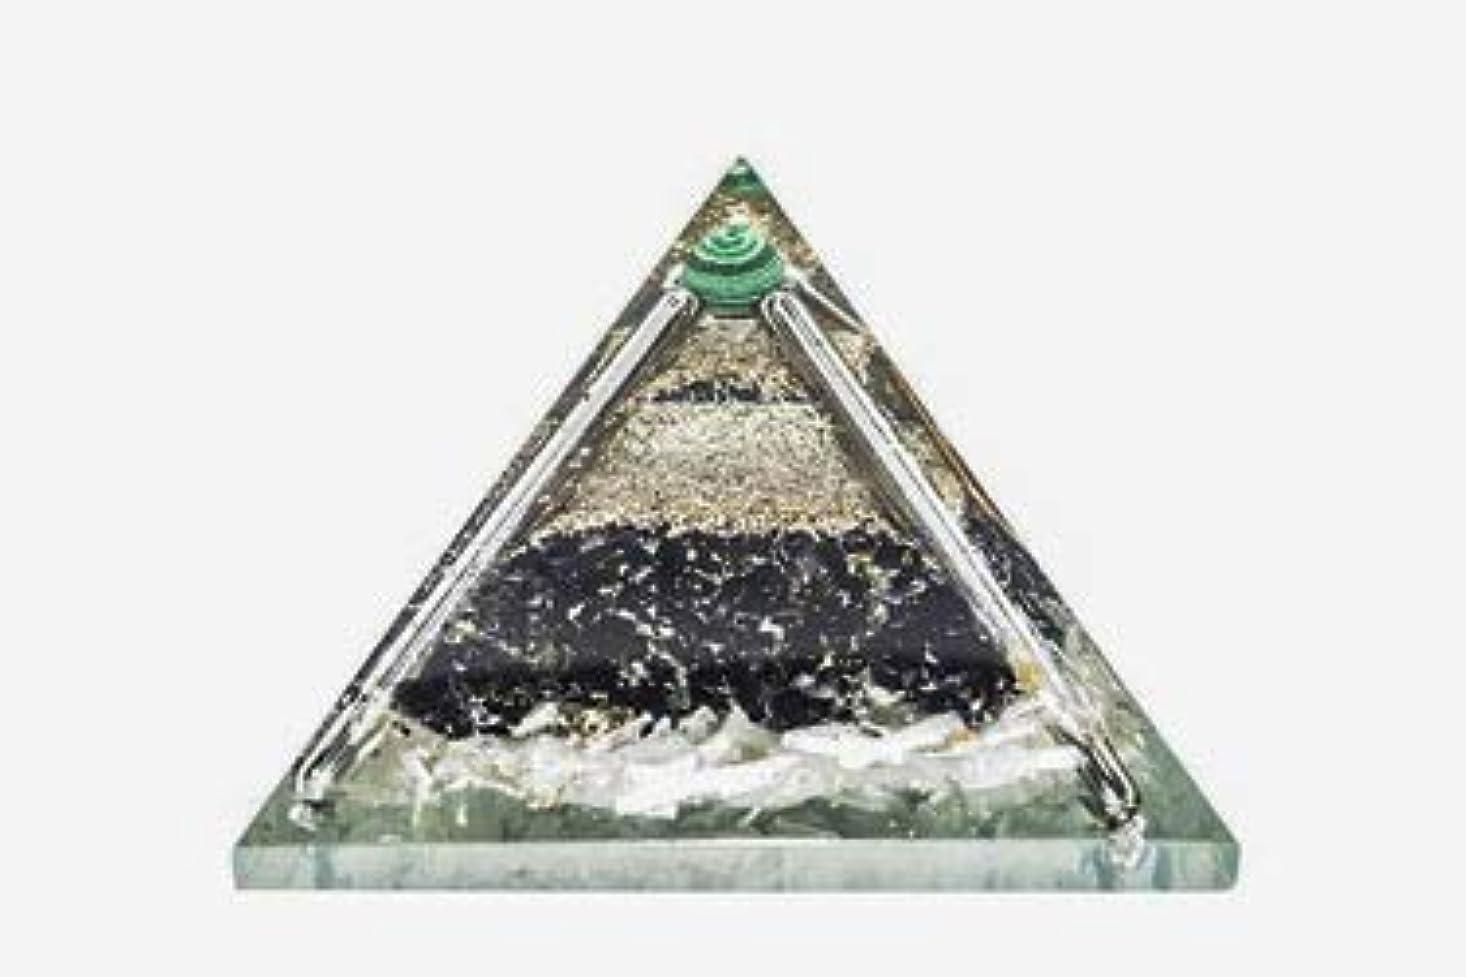 レンズわかる調整可能crocon Exclusive砂漠のブラックトルマリンOrgone Pyramid with Green MalachiteボールエネルギージェネレータレイキHealingオーラクレンジング& EMFの保護サイズ: 2.5?–?3インチ